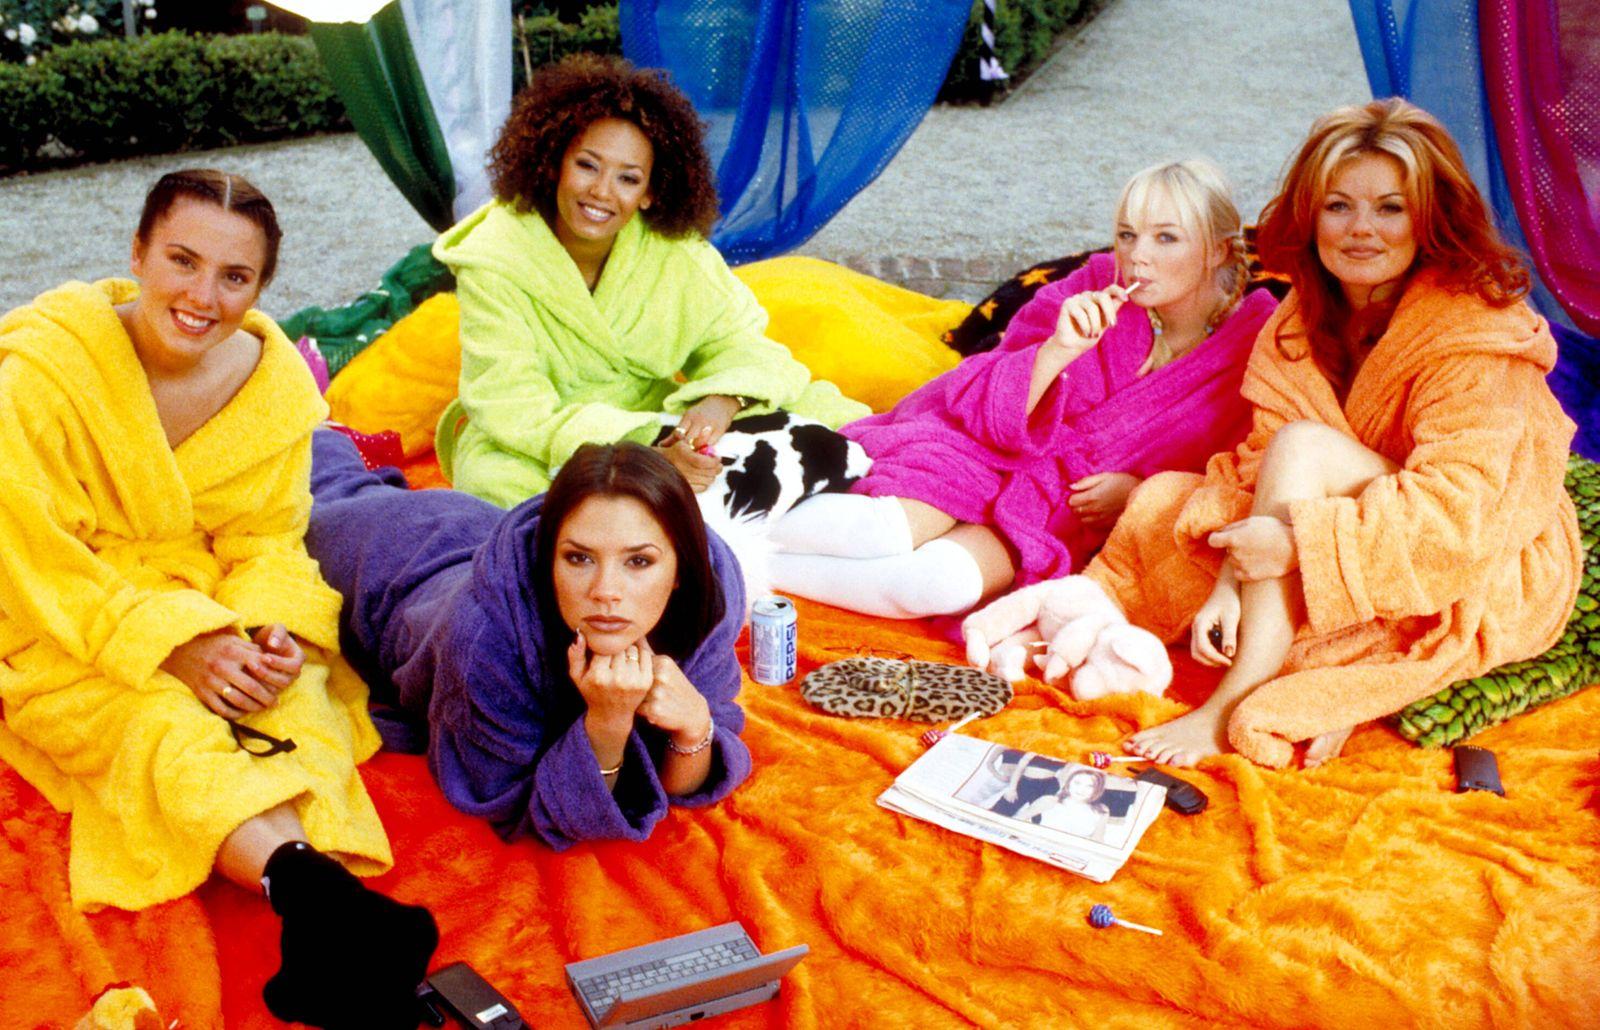 SPICE WORLD, Melanie Chisholm, Victoria Beckham, Melanie Brown, Emma Bunton, Geri Halliwell, 1997,(c) Columbia/courtesy